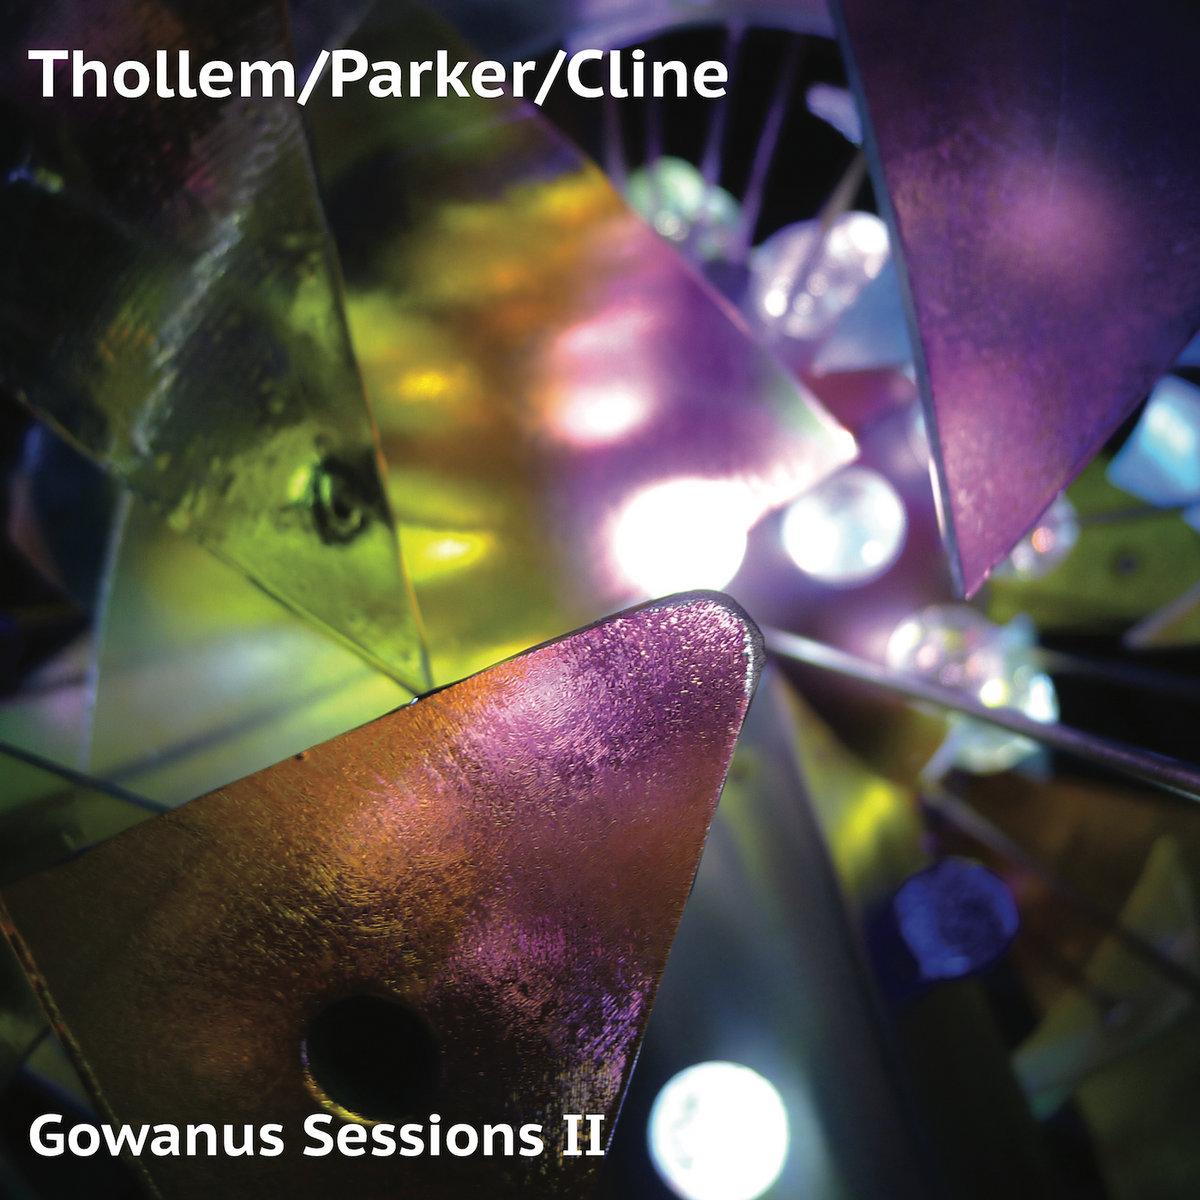 Gowanus Sessions II | Thollem/Parker/Cline